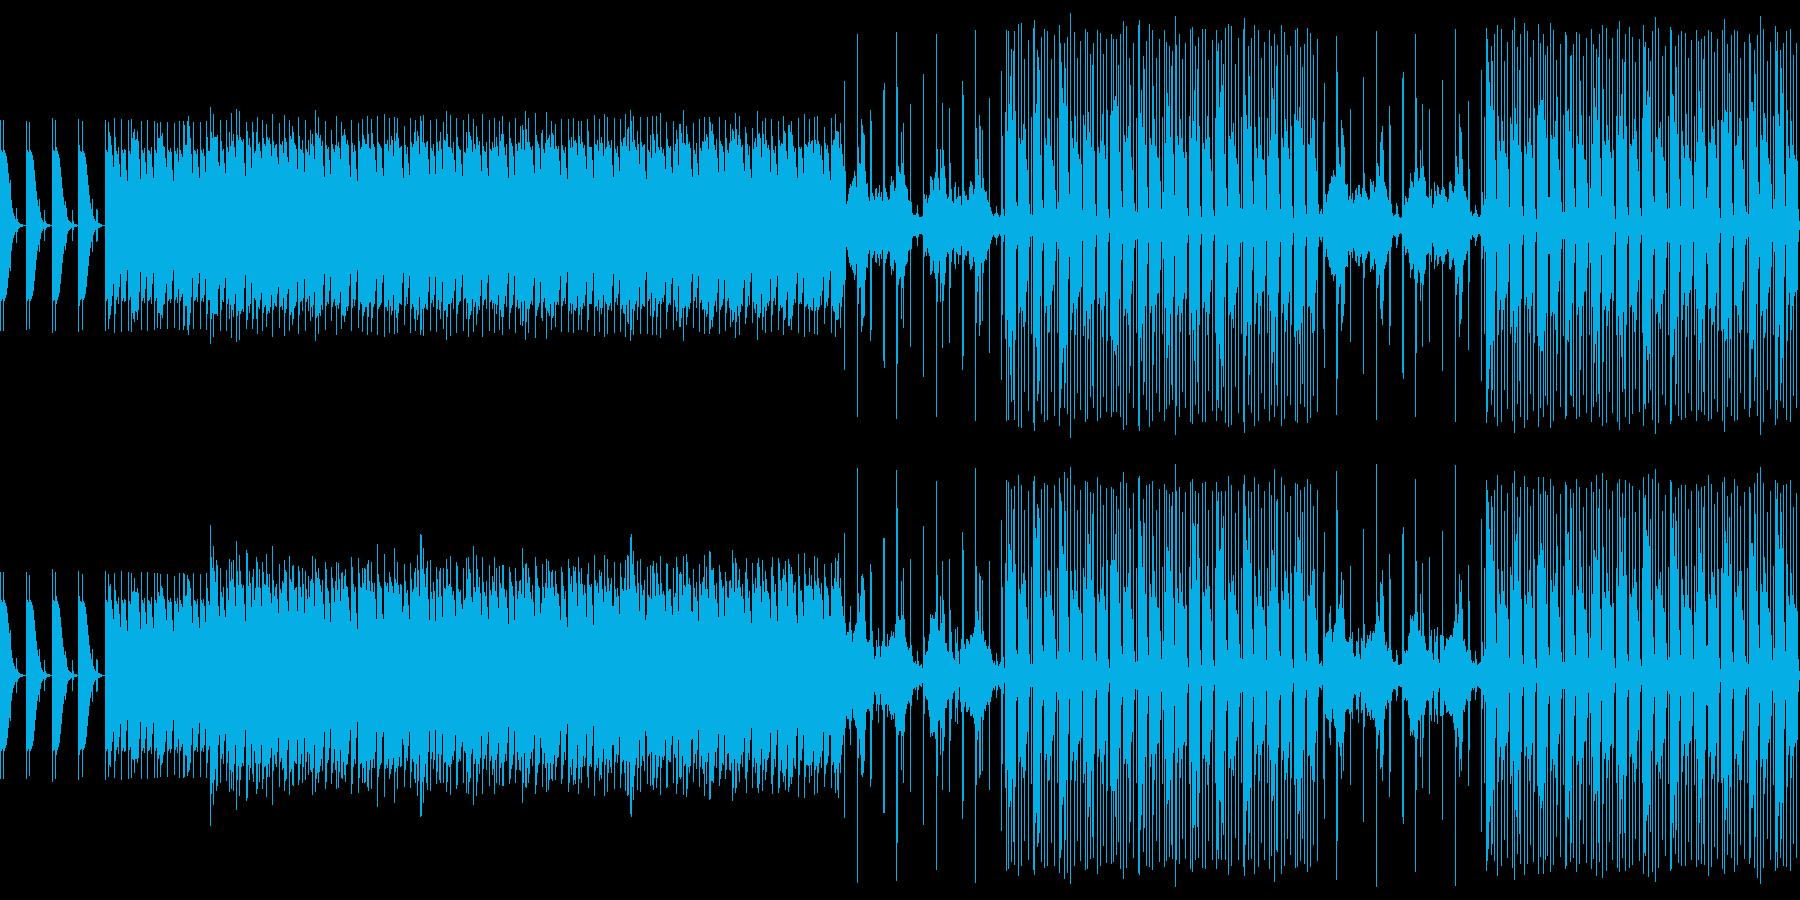 ズバリ 緊張感の高まる音源の再生済みの波形